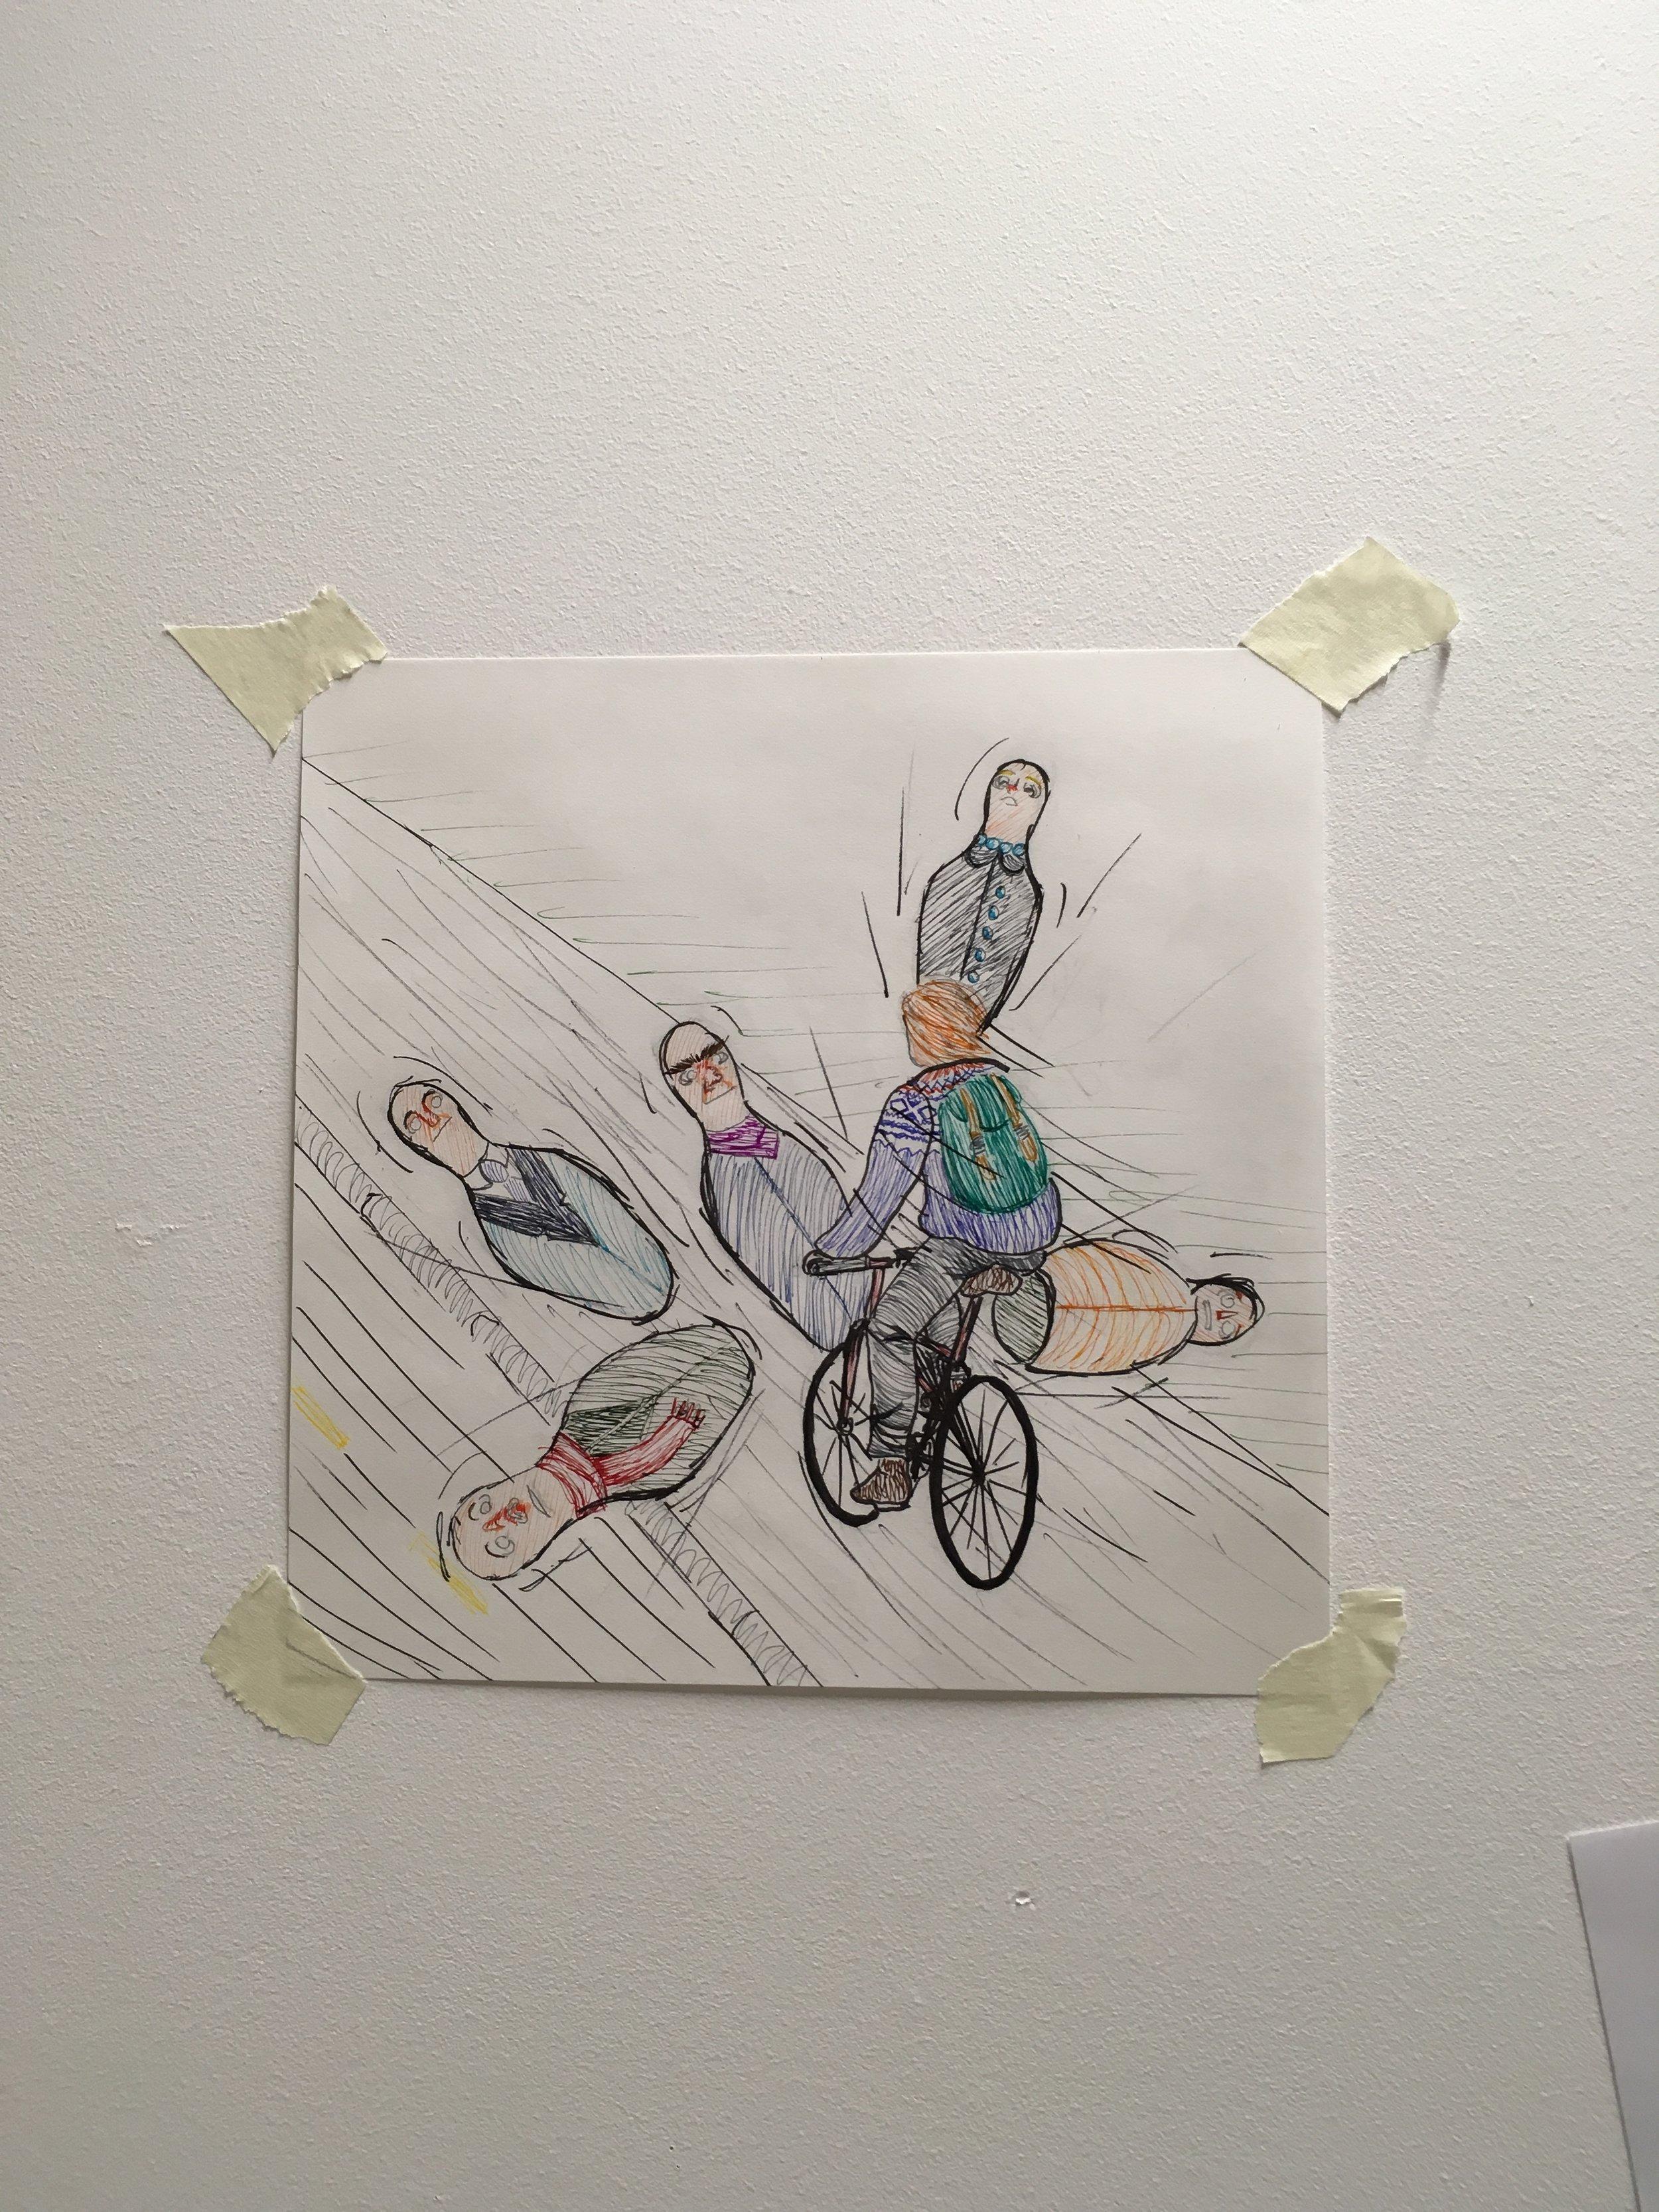 Frank Rossarvik kunne neppe bedt om en bedre illustrasjon til kommentaren « Pesten på to hjul ».